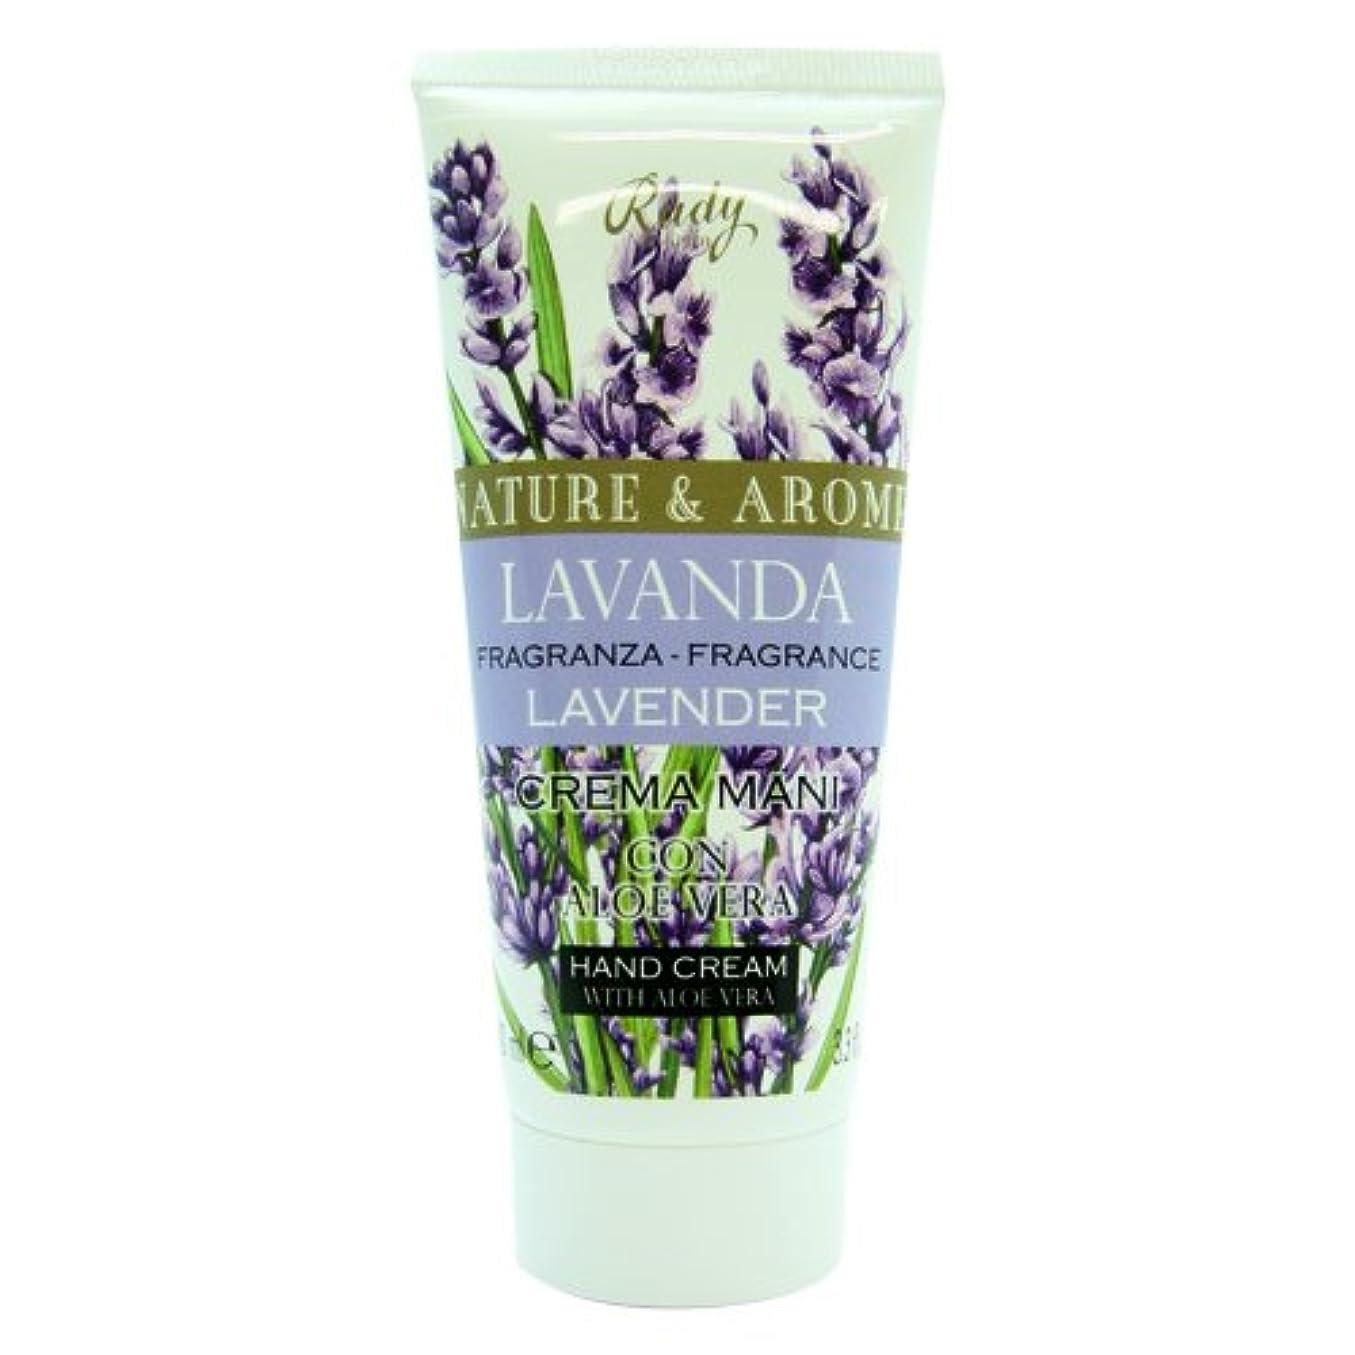 かなりの速記濃度RUDY Nature&Arome SERIES ルディ ナチュール&アロマ Hand Cream ハンドクリーム  Lavender ラベンダー